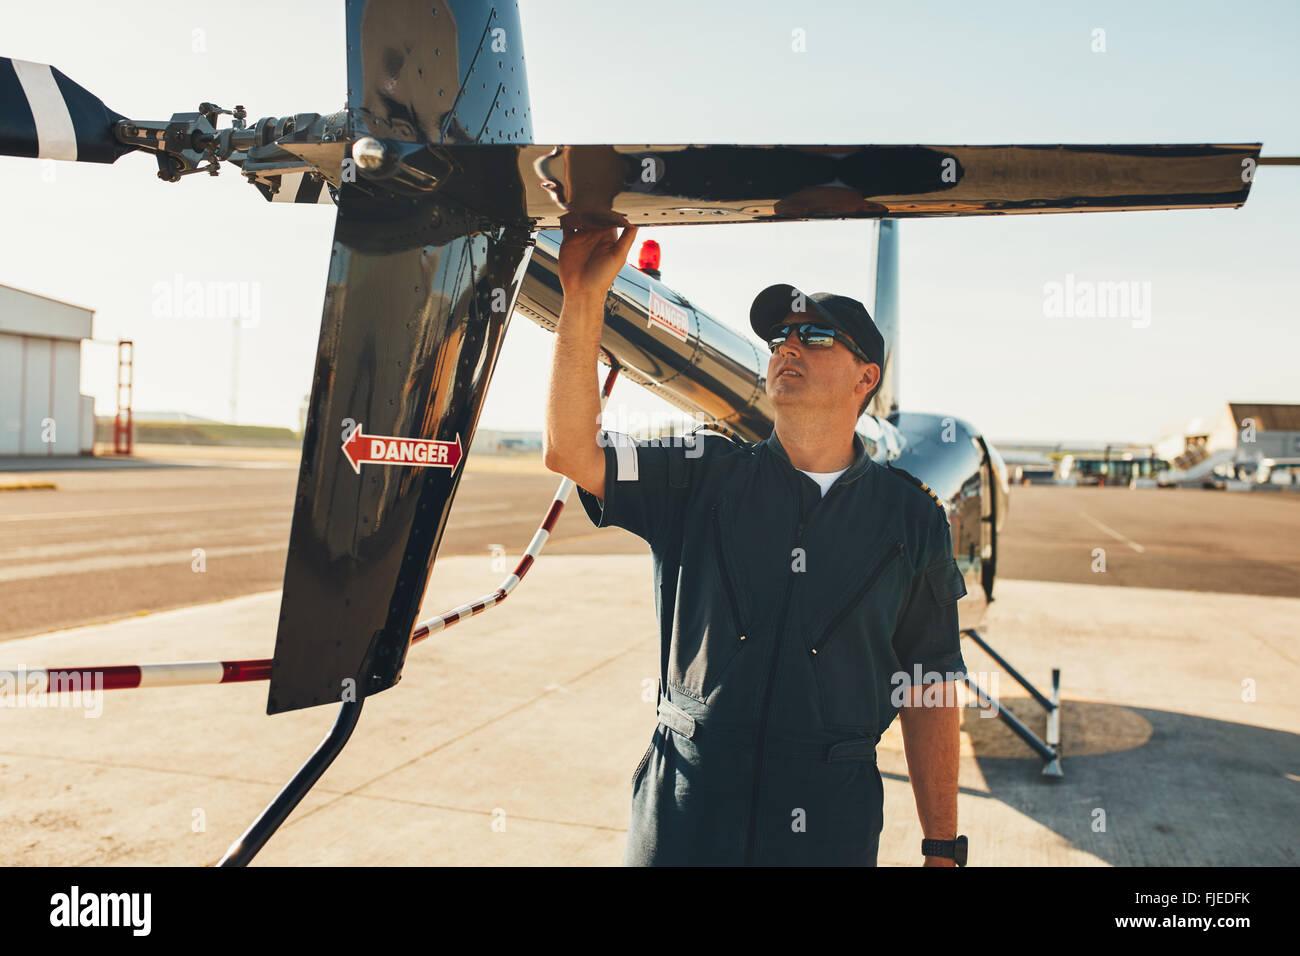 Pilota maschio in uniforme esaminando elicottero ala di coda. Pre ispezione di volo dal pilota presso l'aeroporto. Immagini Stock